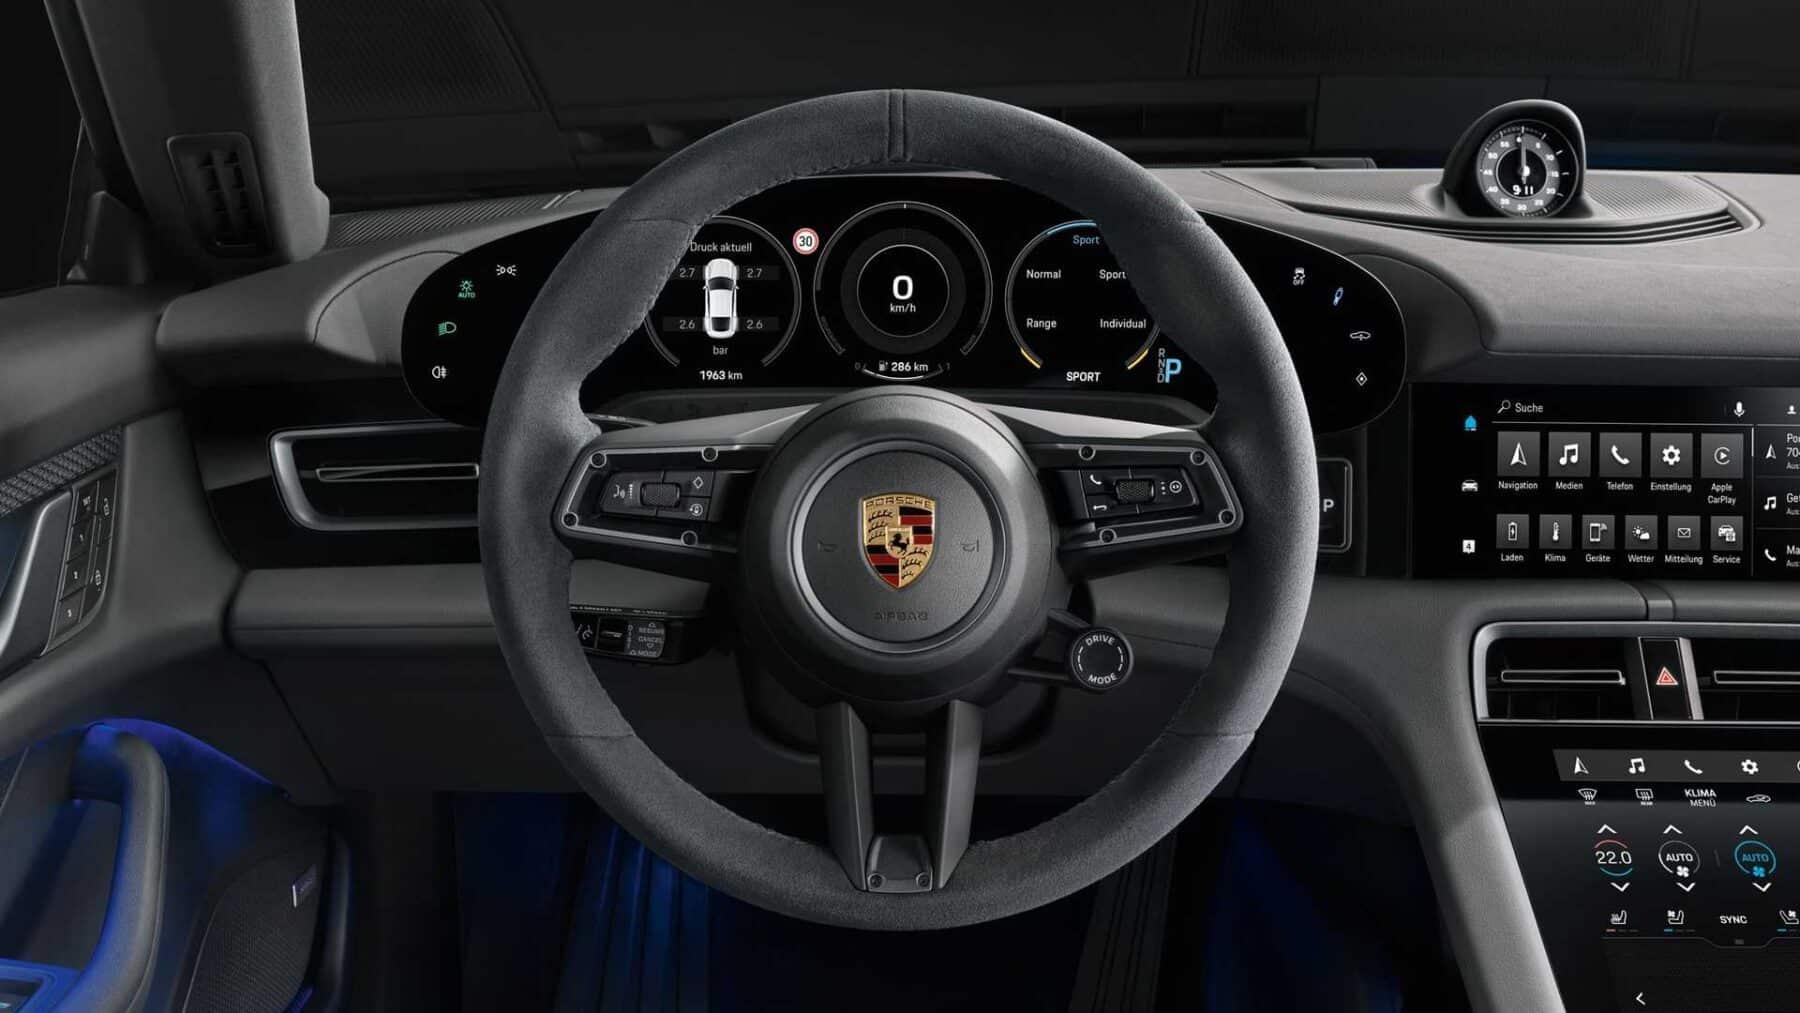 Noticia: Porsche Taycan 4S: menos potencia, más autonomía